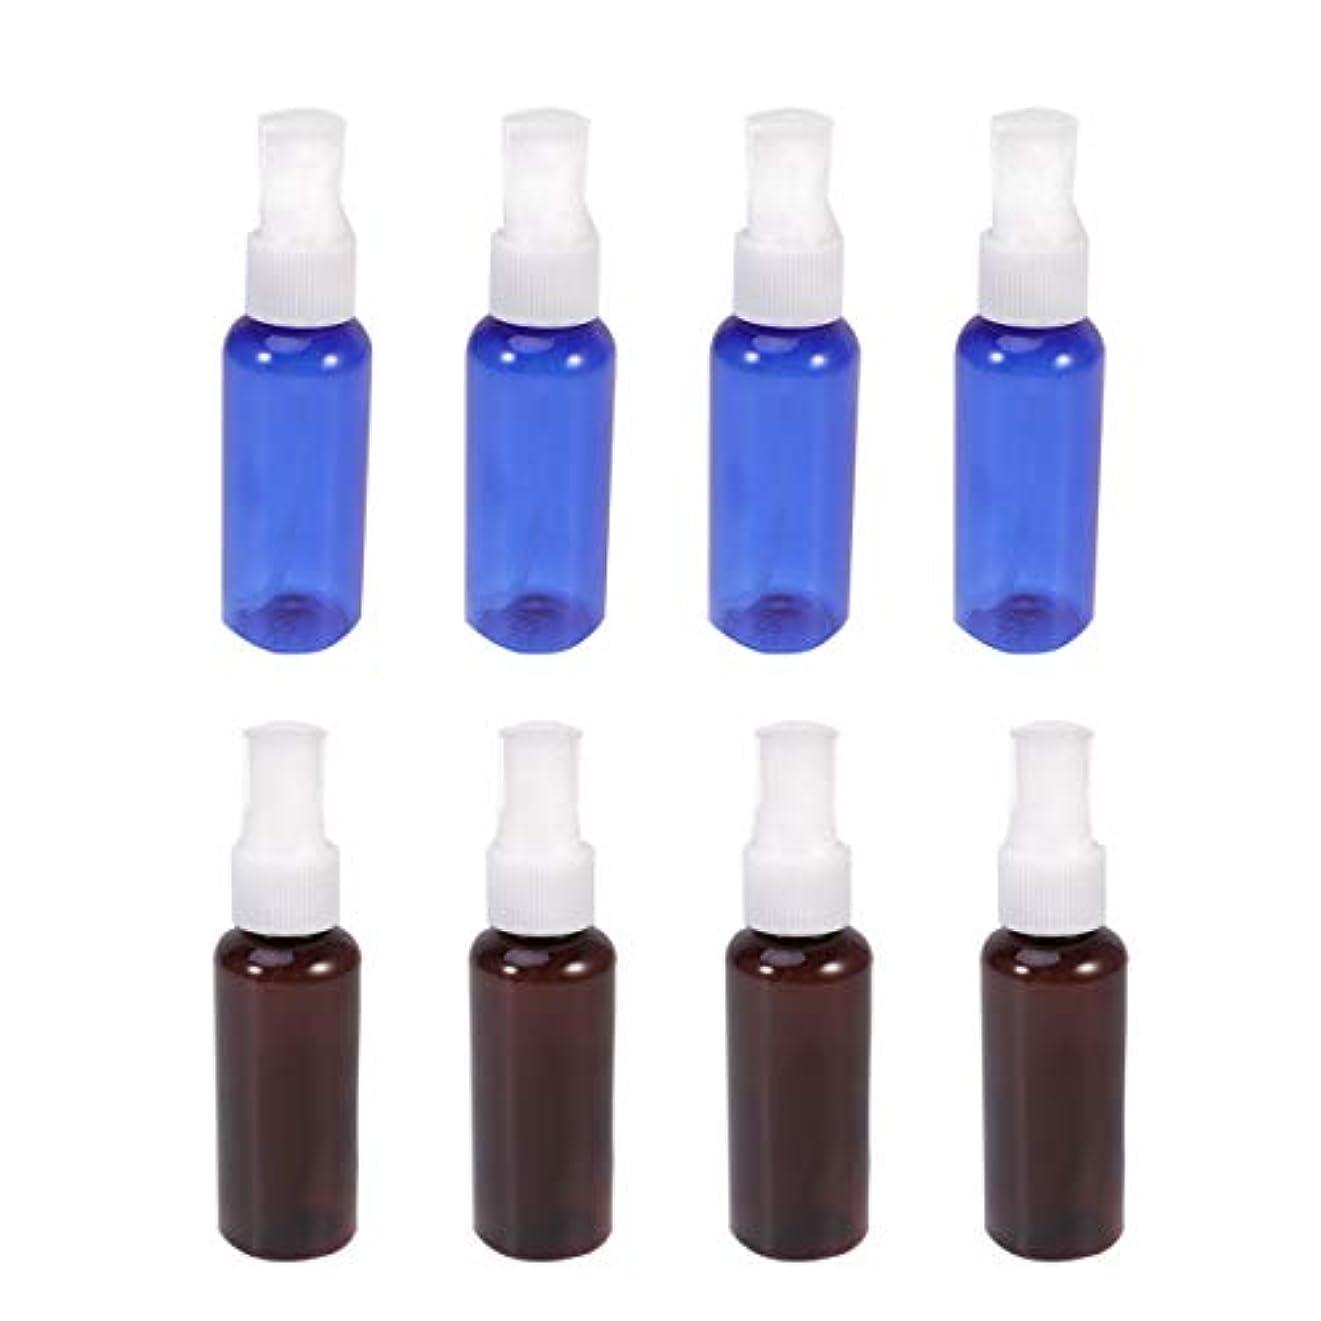 茎ひそかに広げるLurrose 8個50 mlプラスチックスプレーボトルミニ空の香水瓶空の香水ポンプボトル(青と茶色)